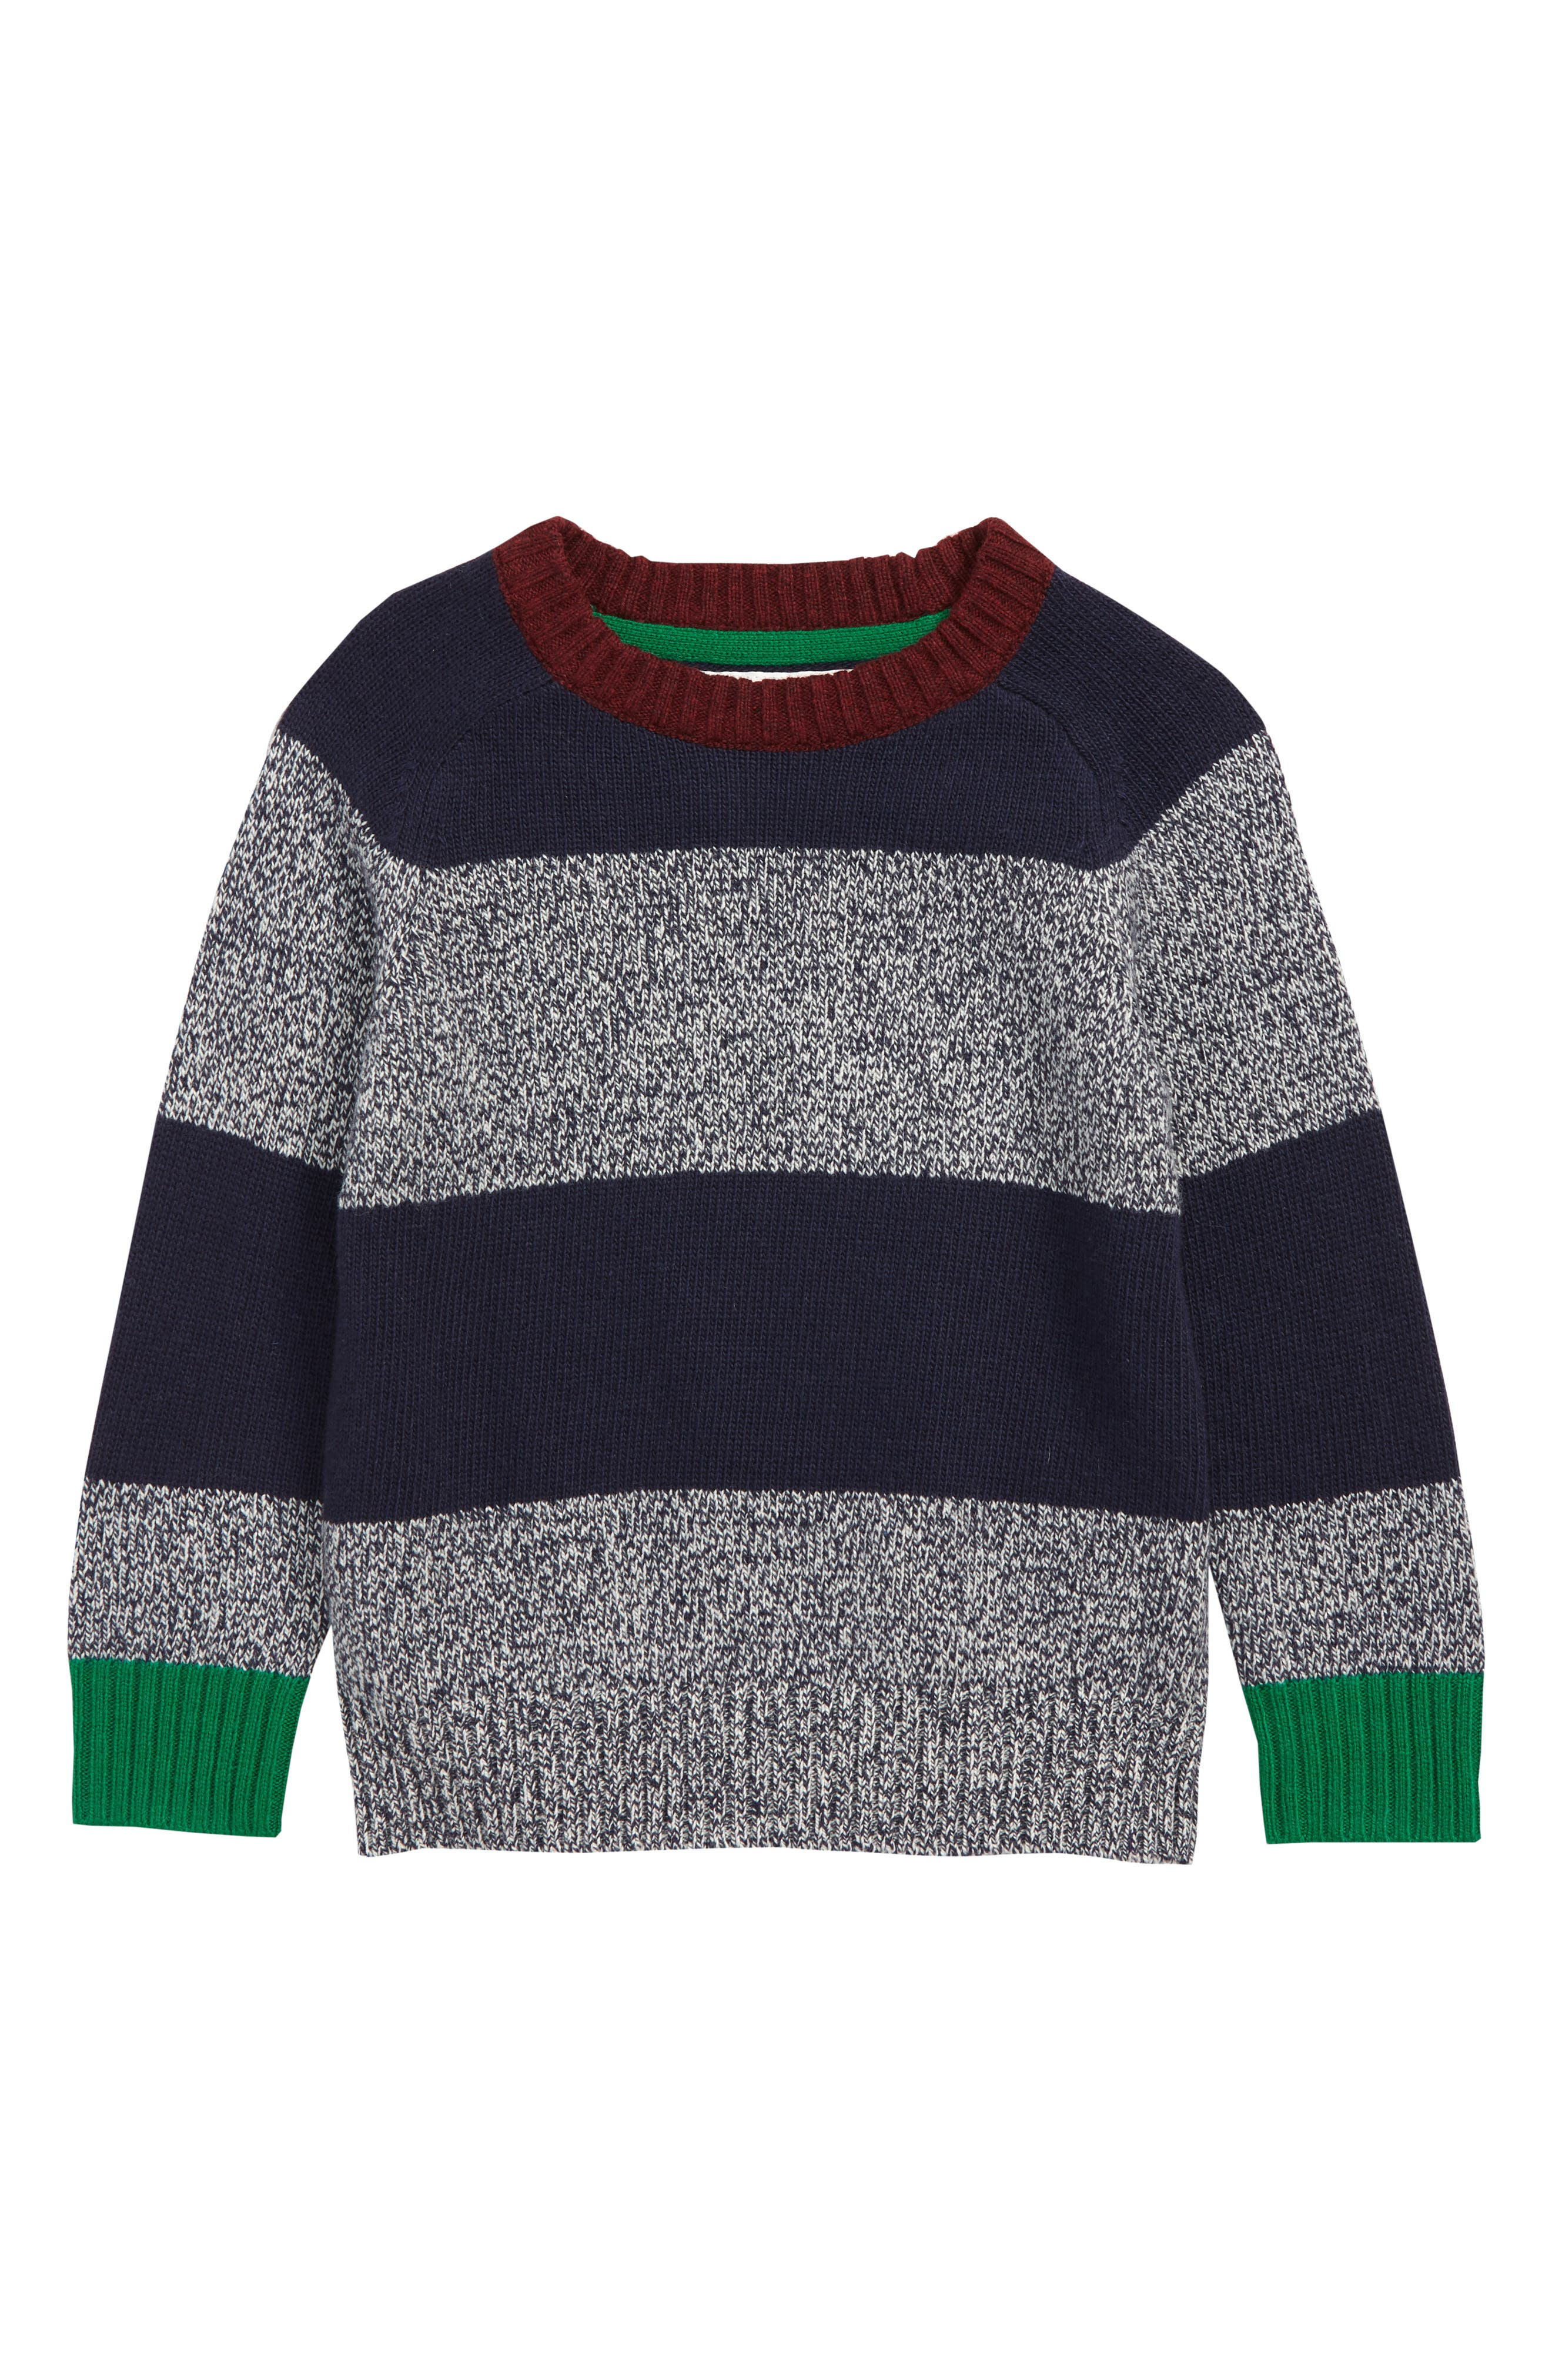 Boys Mini Boden Stripe Sweater Size 910Y  Blue